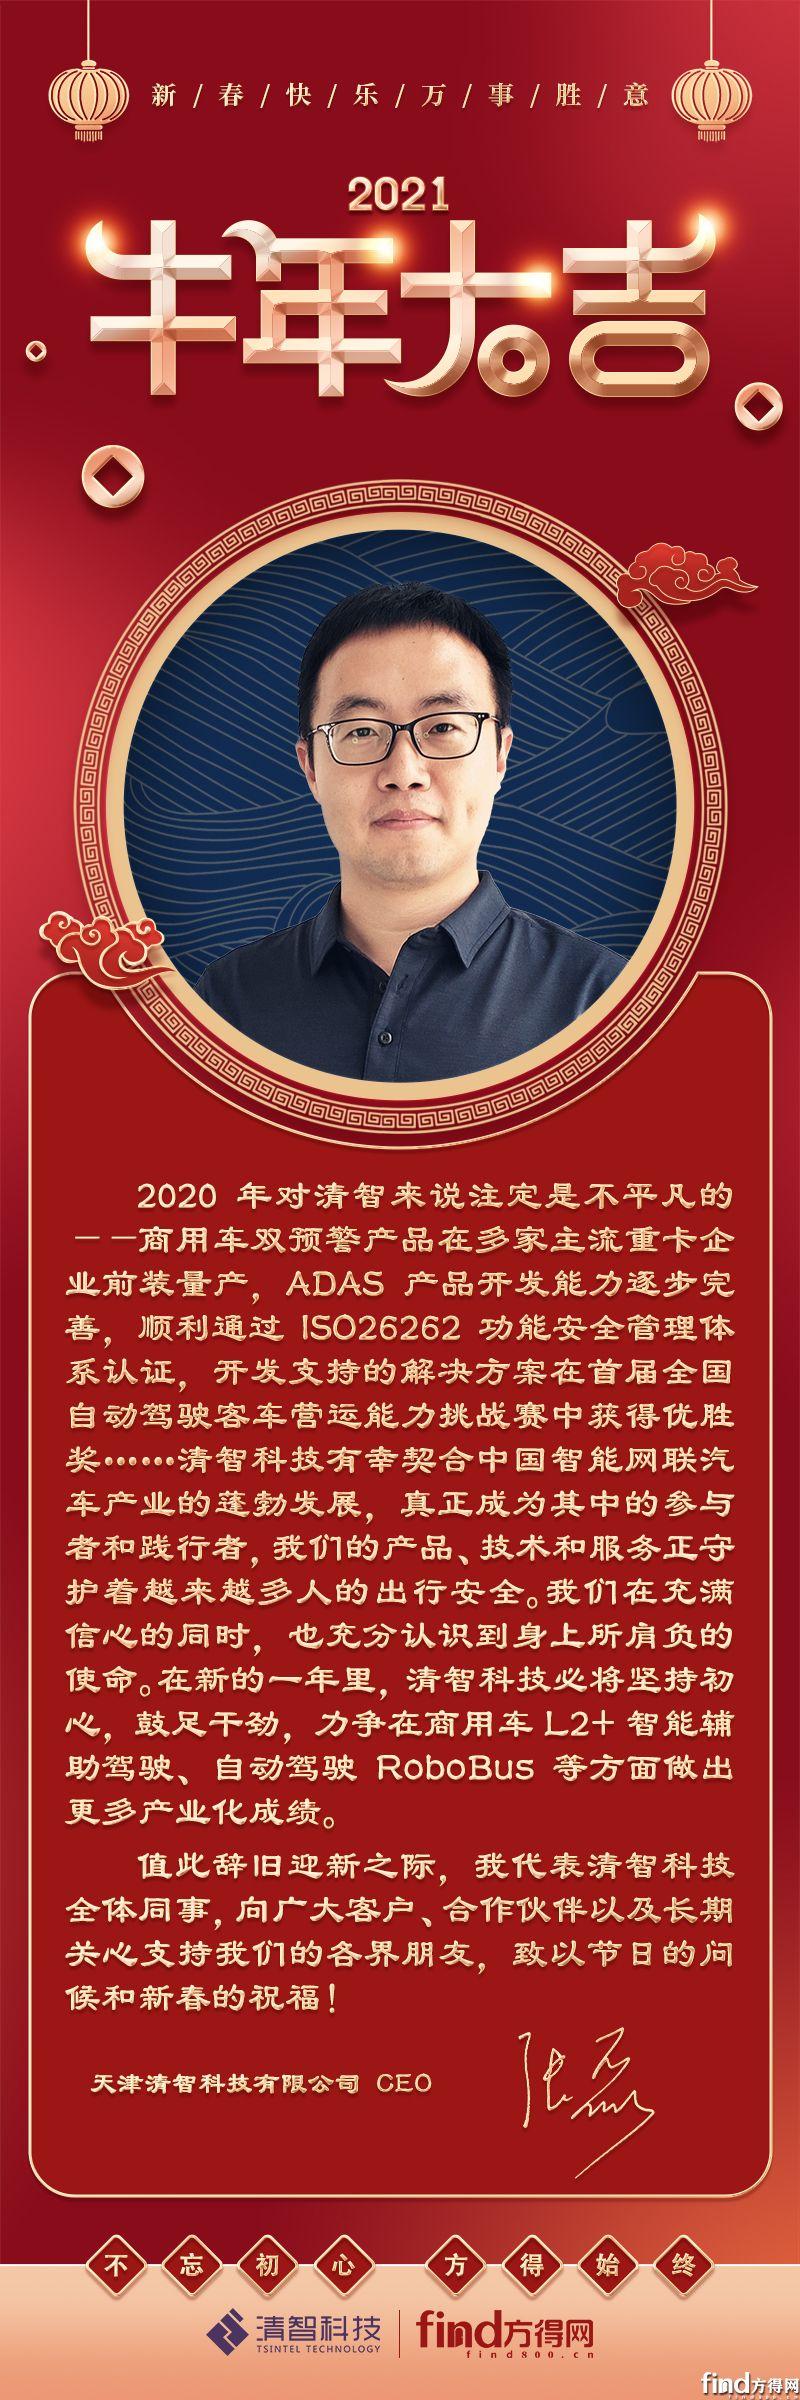 天津清智科技有限公司CEO张磊的新春祝福